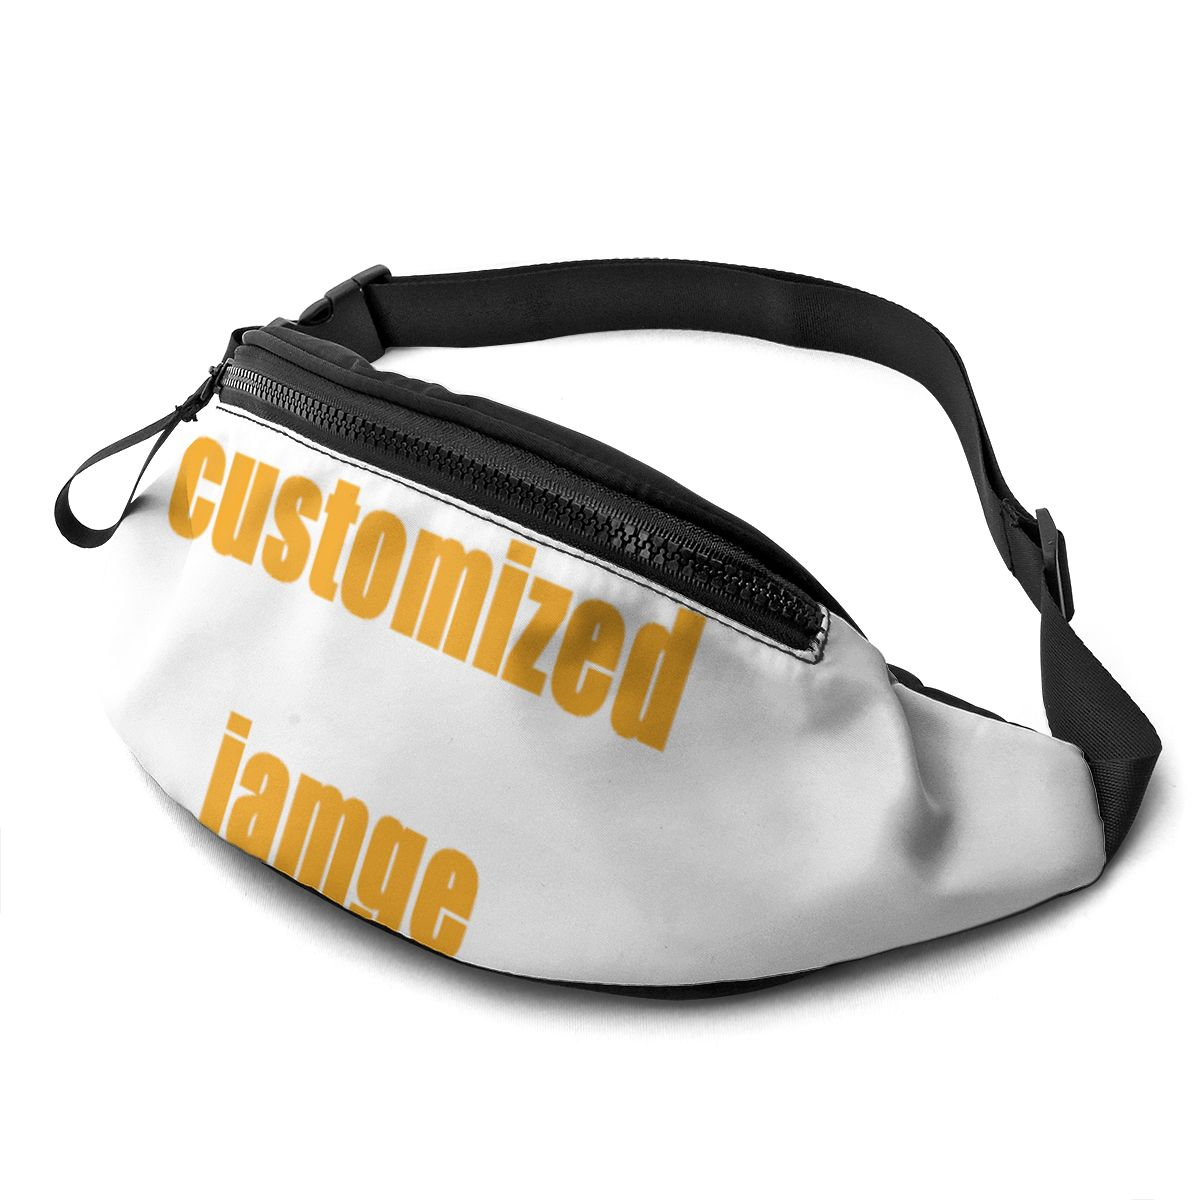 Женские поясные сумки с принтом на заказ NOISYDESIGNS, Женские поясные сумки, сумки для телефона на заказ, Прямая поставка